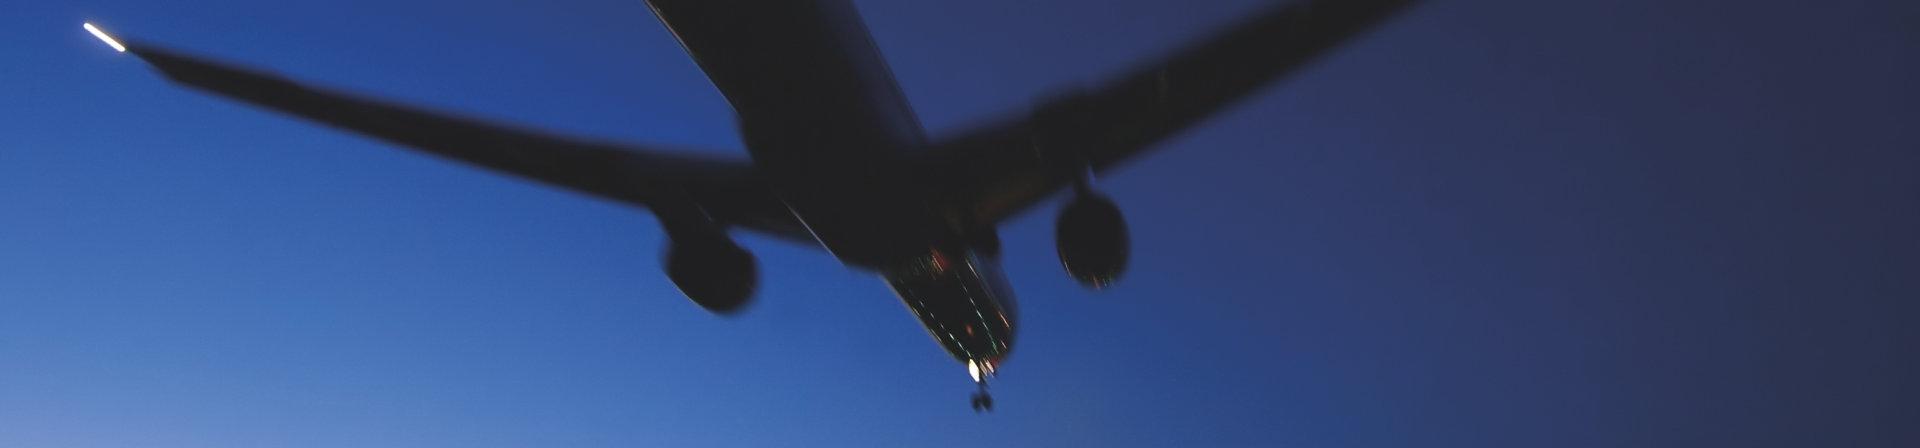 Airfield Lighting